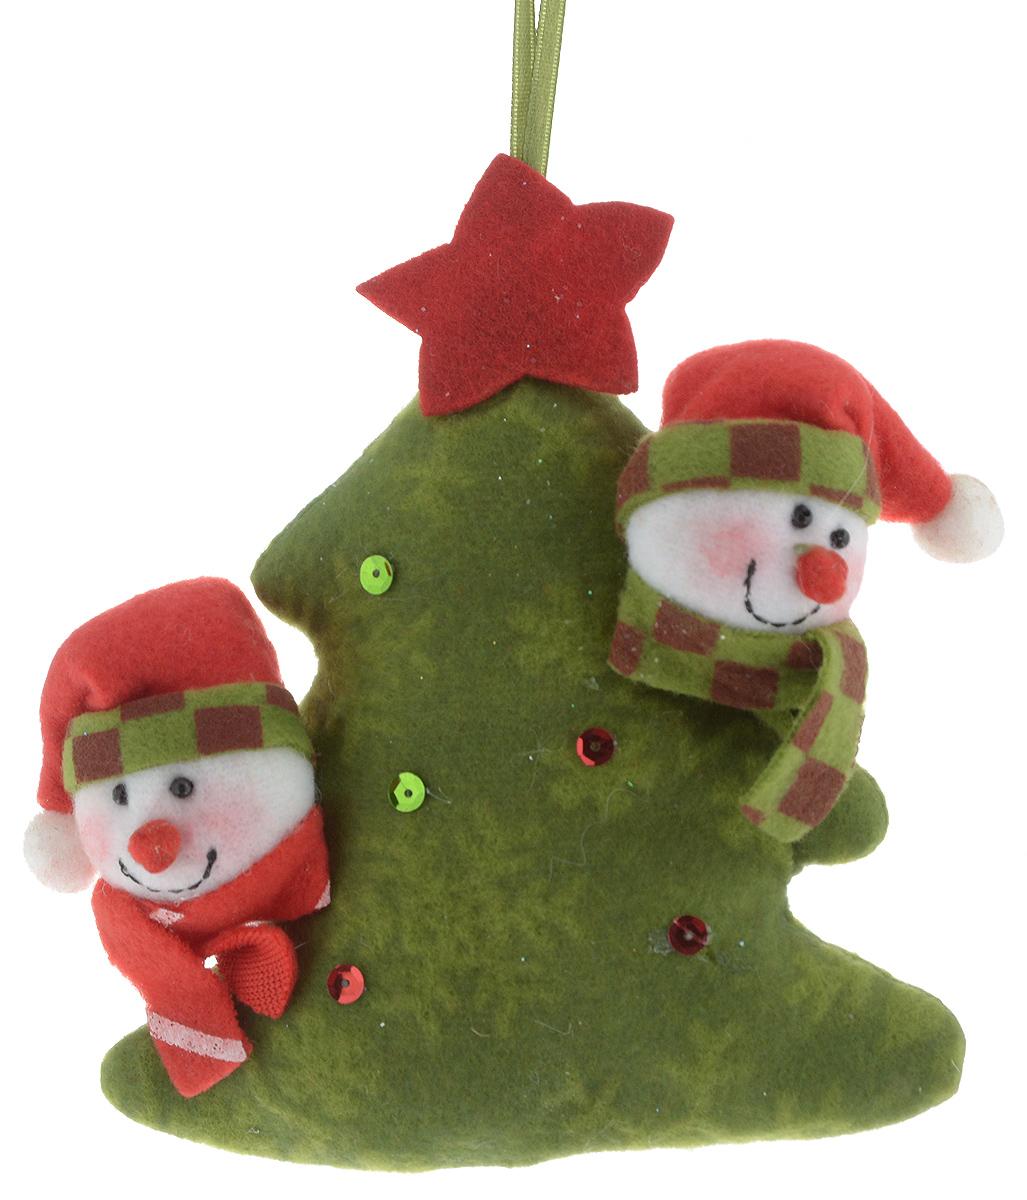 Украшение новогоднее подвесное Winter Wings Елка, 12,5 х 14,5 х 3,5 смN180937Оригинальное новогоднее украшение Winter Wings Дед Мороз выполнено из полиэстера. Украшение можно подвесить в любом понравившемся вам месте. Новогодние украшения приносят в дом волшебство и ощущение праздника. Создайте в своем доме атмосферу веселья и радости, украшая его всей семьей.Размер: 12,5 х 14,5 х 3,5 см.